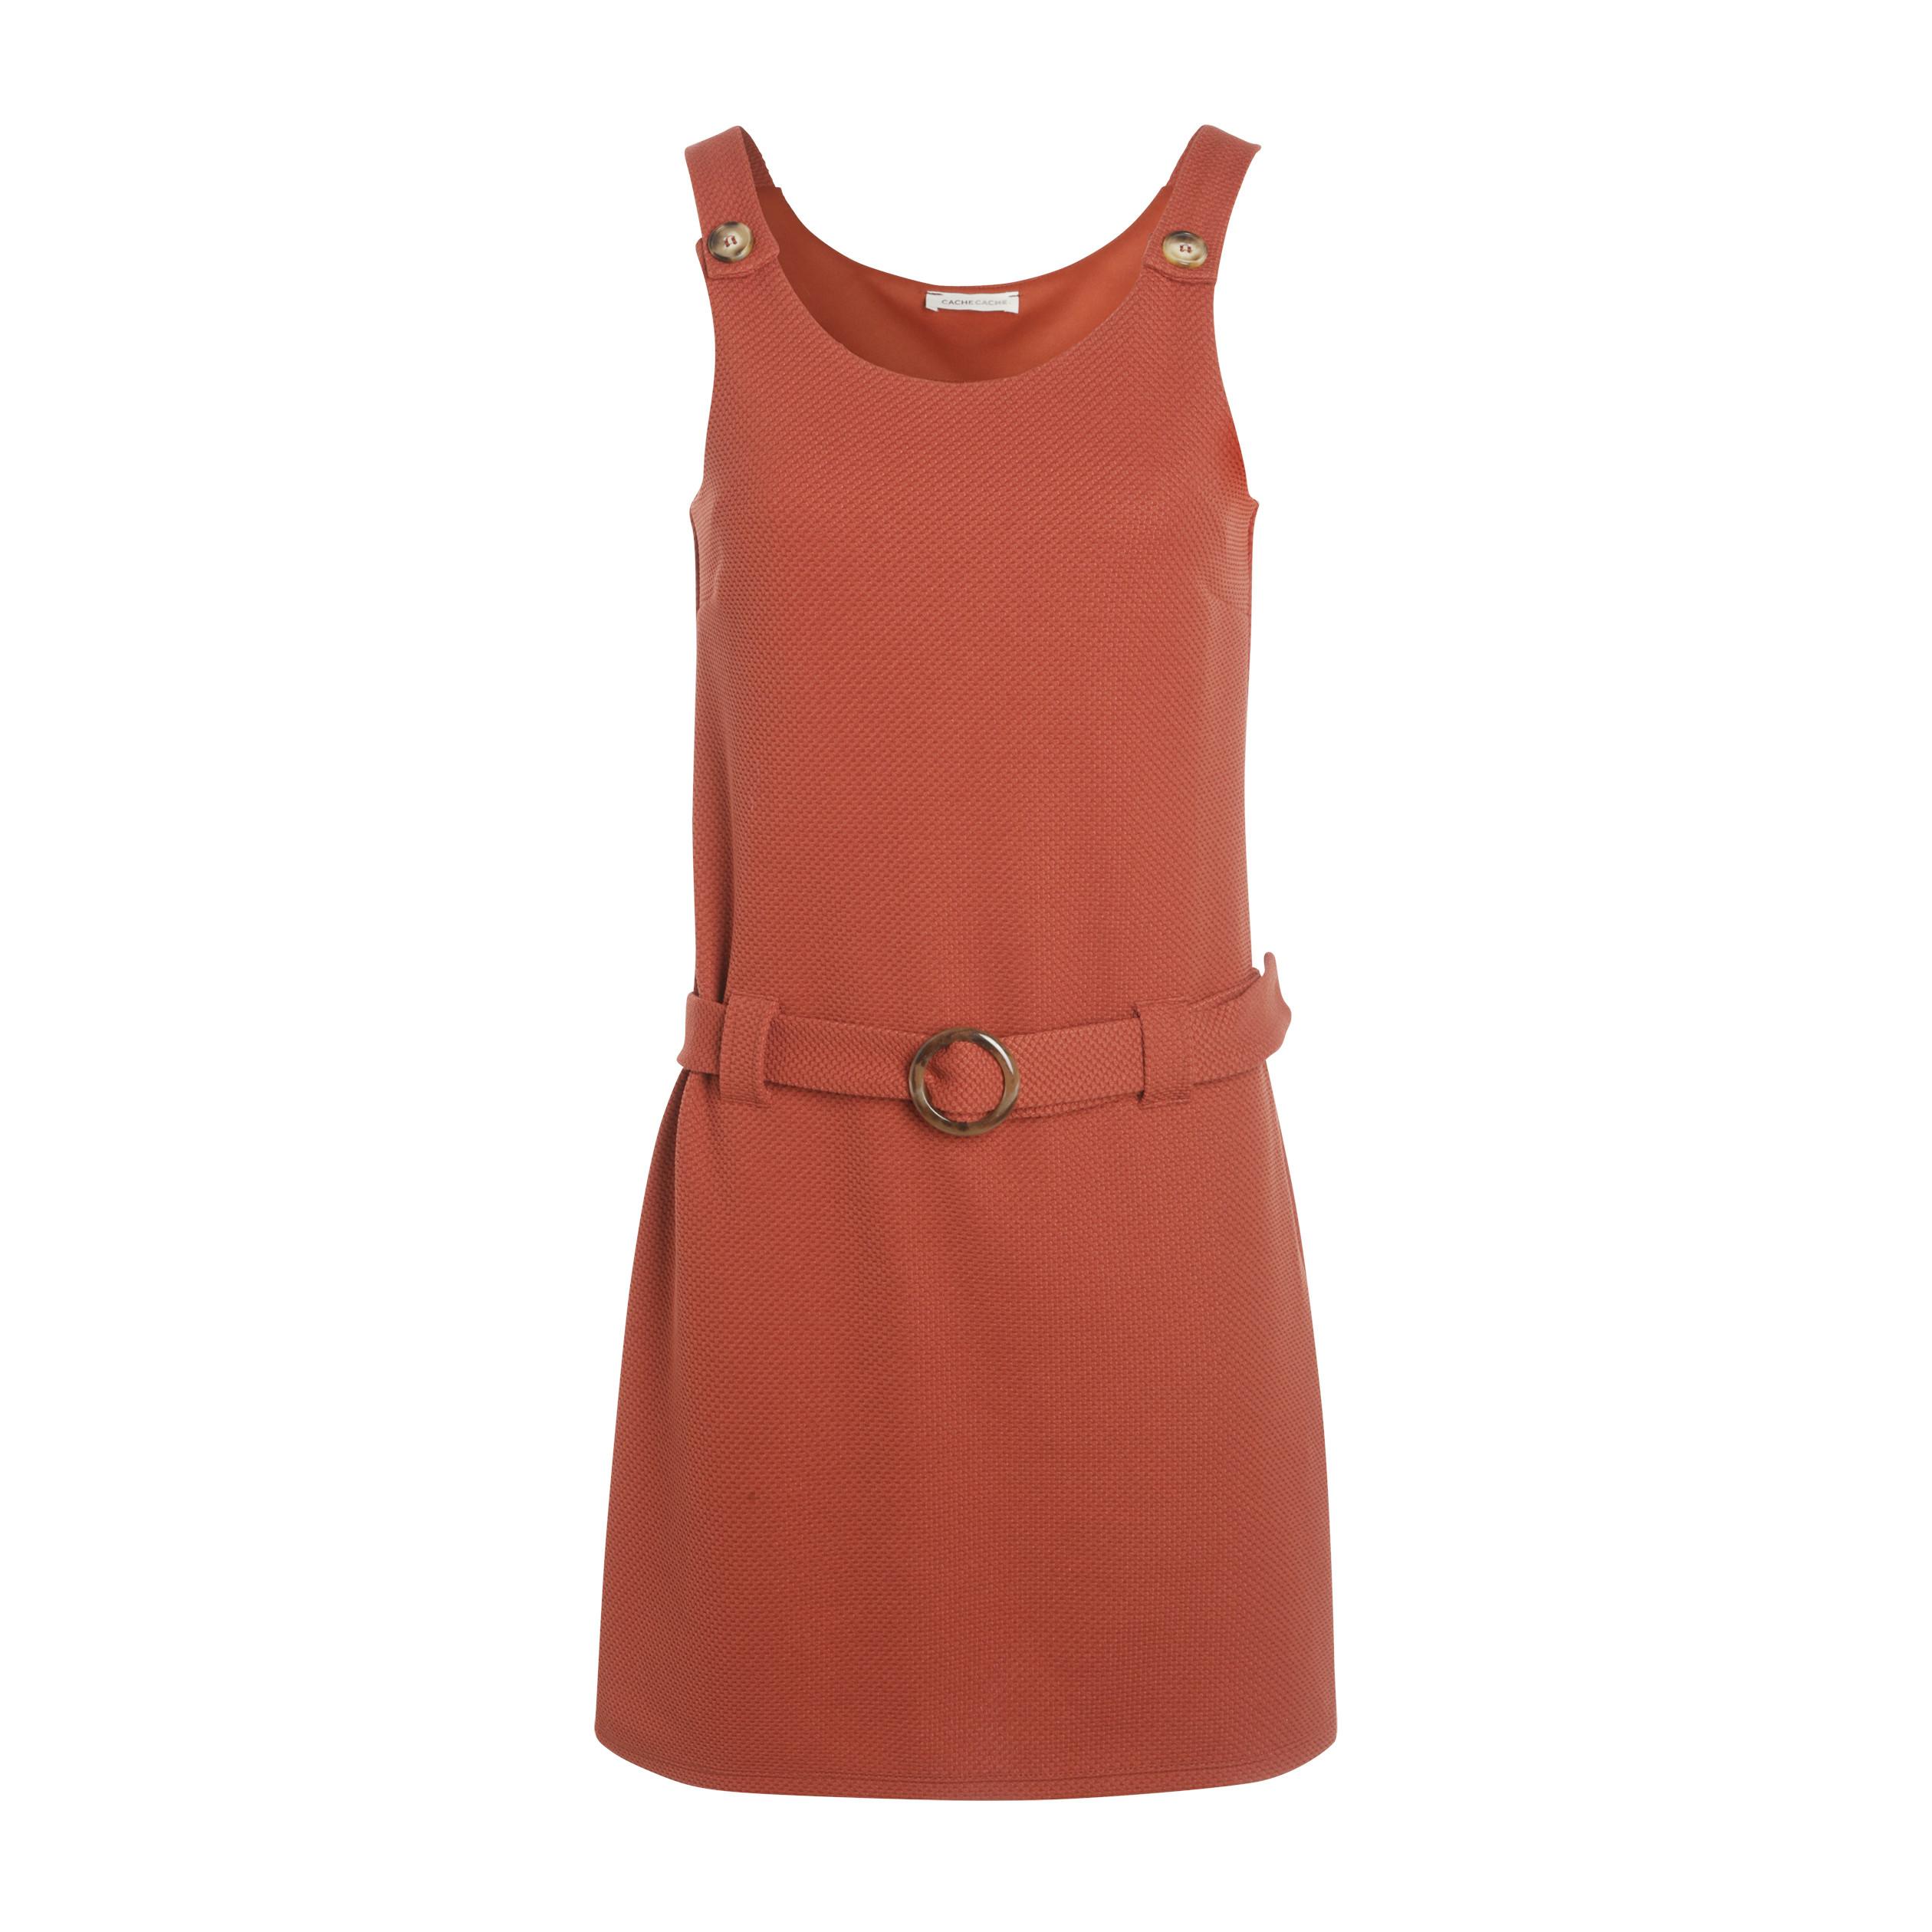 881945c6bc Robe salopette courte ajustée orange foncé femme | Vib's